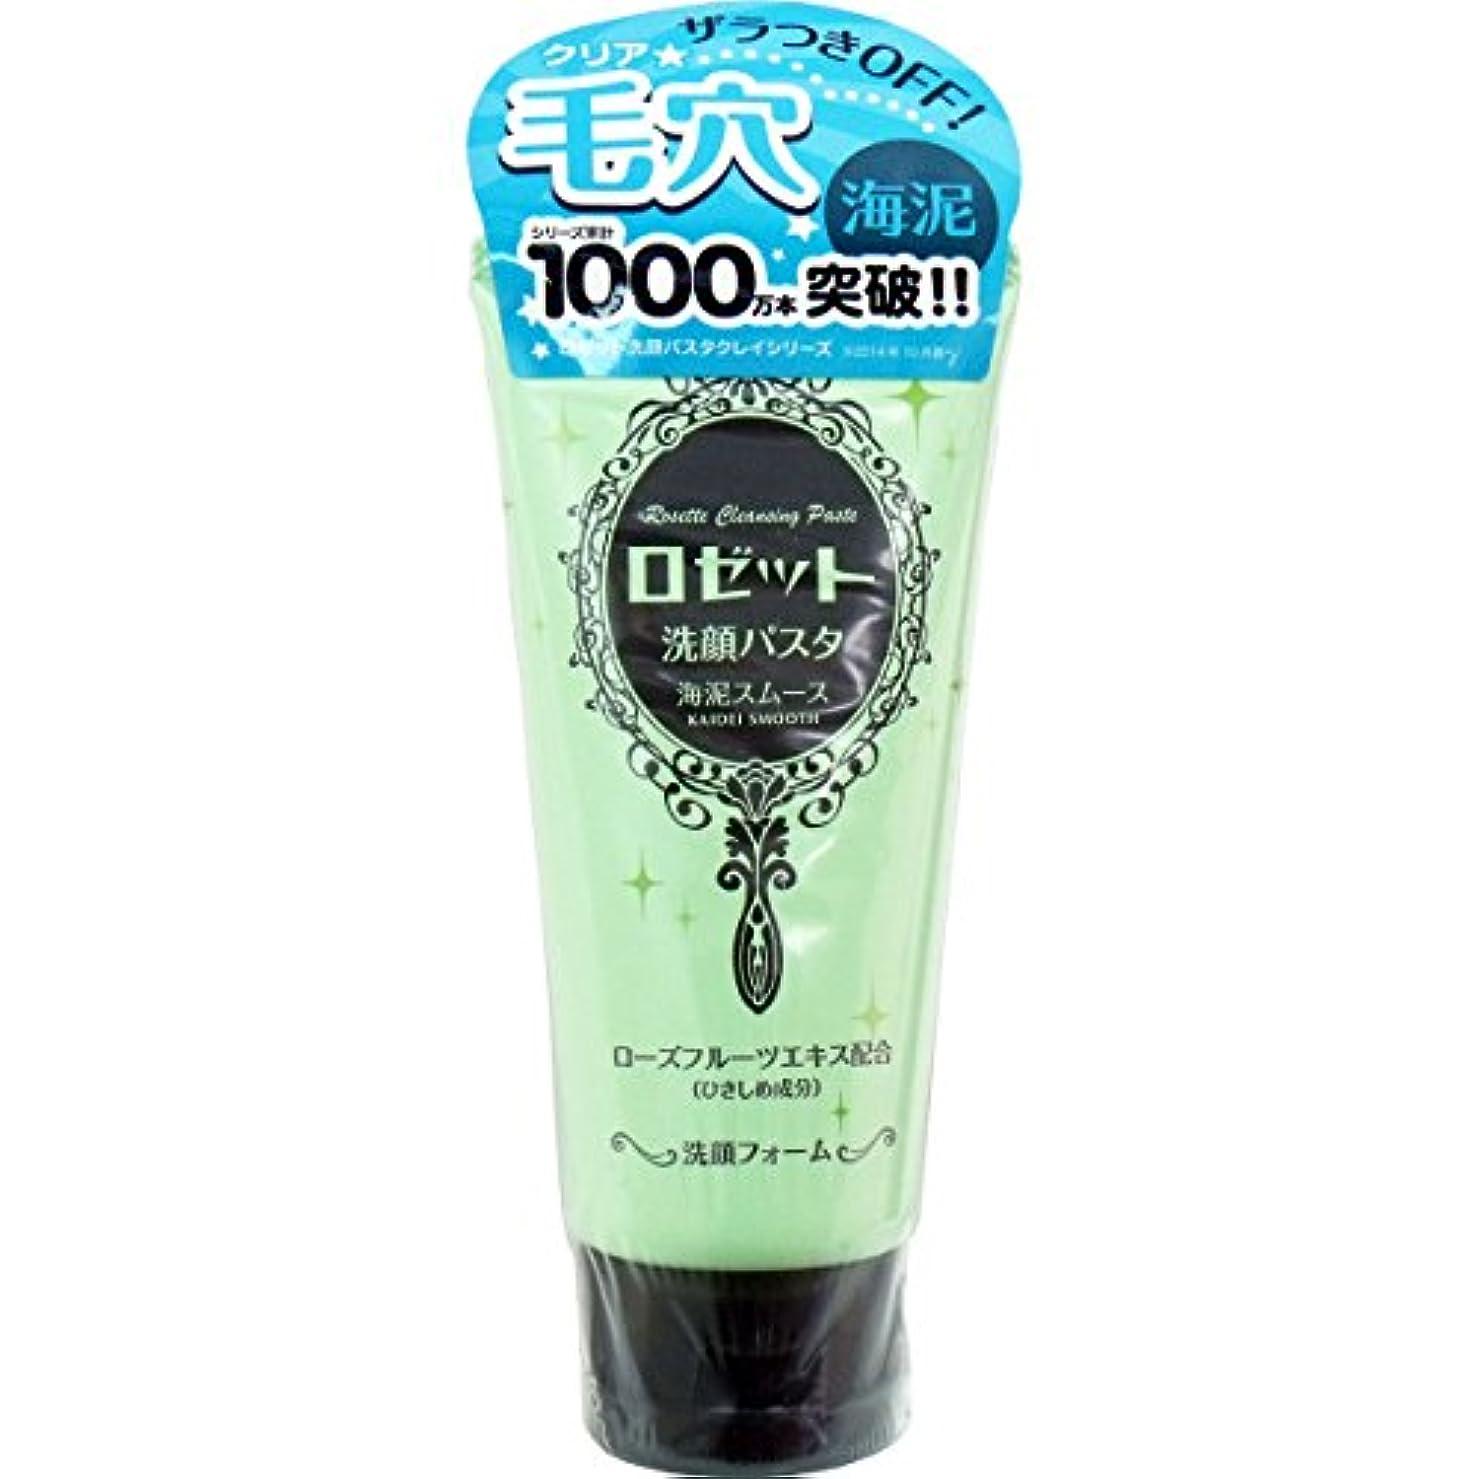 ロゼット 洗顔パスタ 海泥スムース 120g x 5本セット